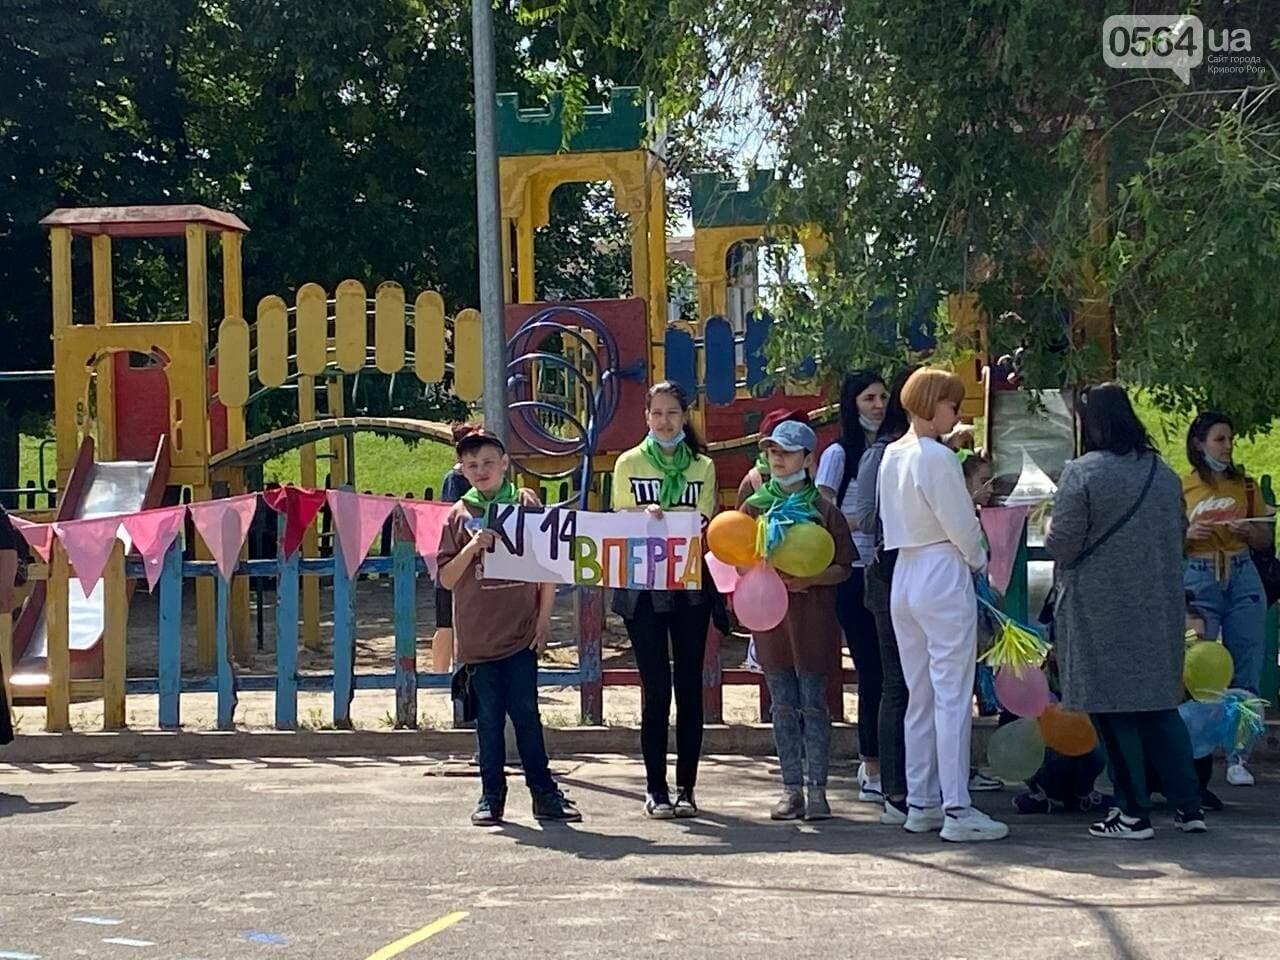 В Кривом Роге для детей провели спартакиаду, - ФОТО, ВИДЕО  , фото-13